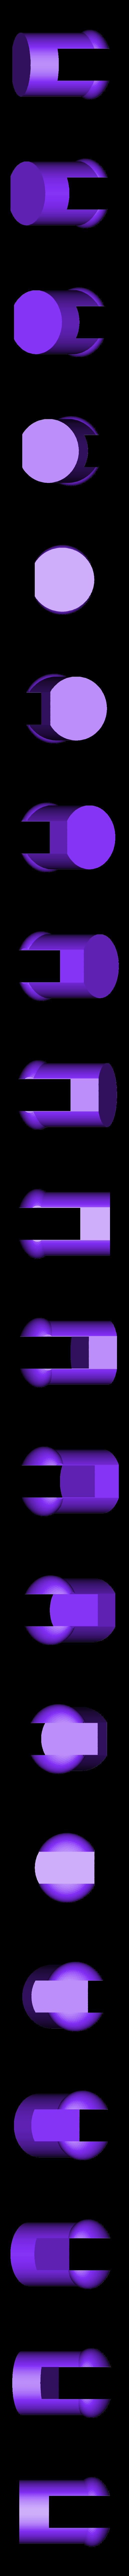 laser_turret_b_1-56_scale-mount_clip.stl Télécharger fichier STL gratuit Tourelle Rift Tech Grav REMIX/rescale+pince de montage pour 1:56/28mm • Design pour imprimante 3D, Ziddan